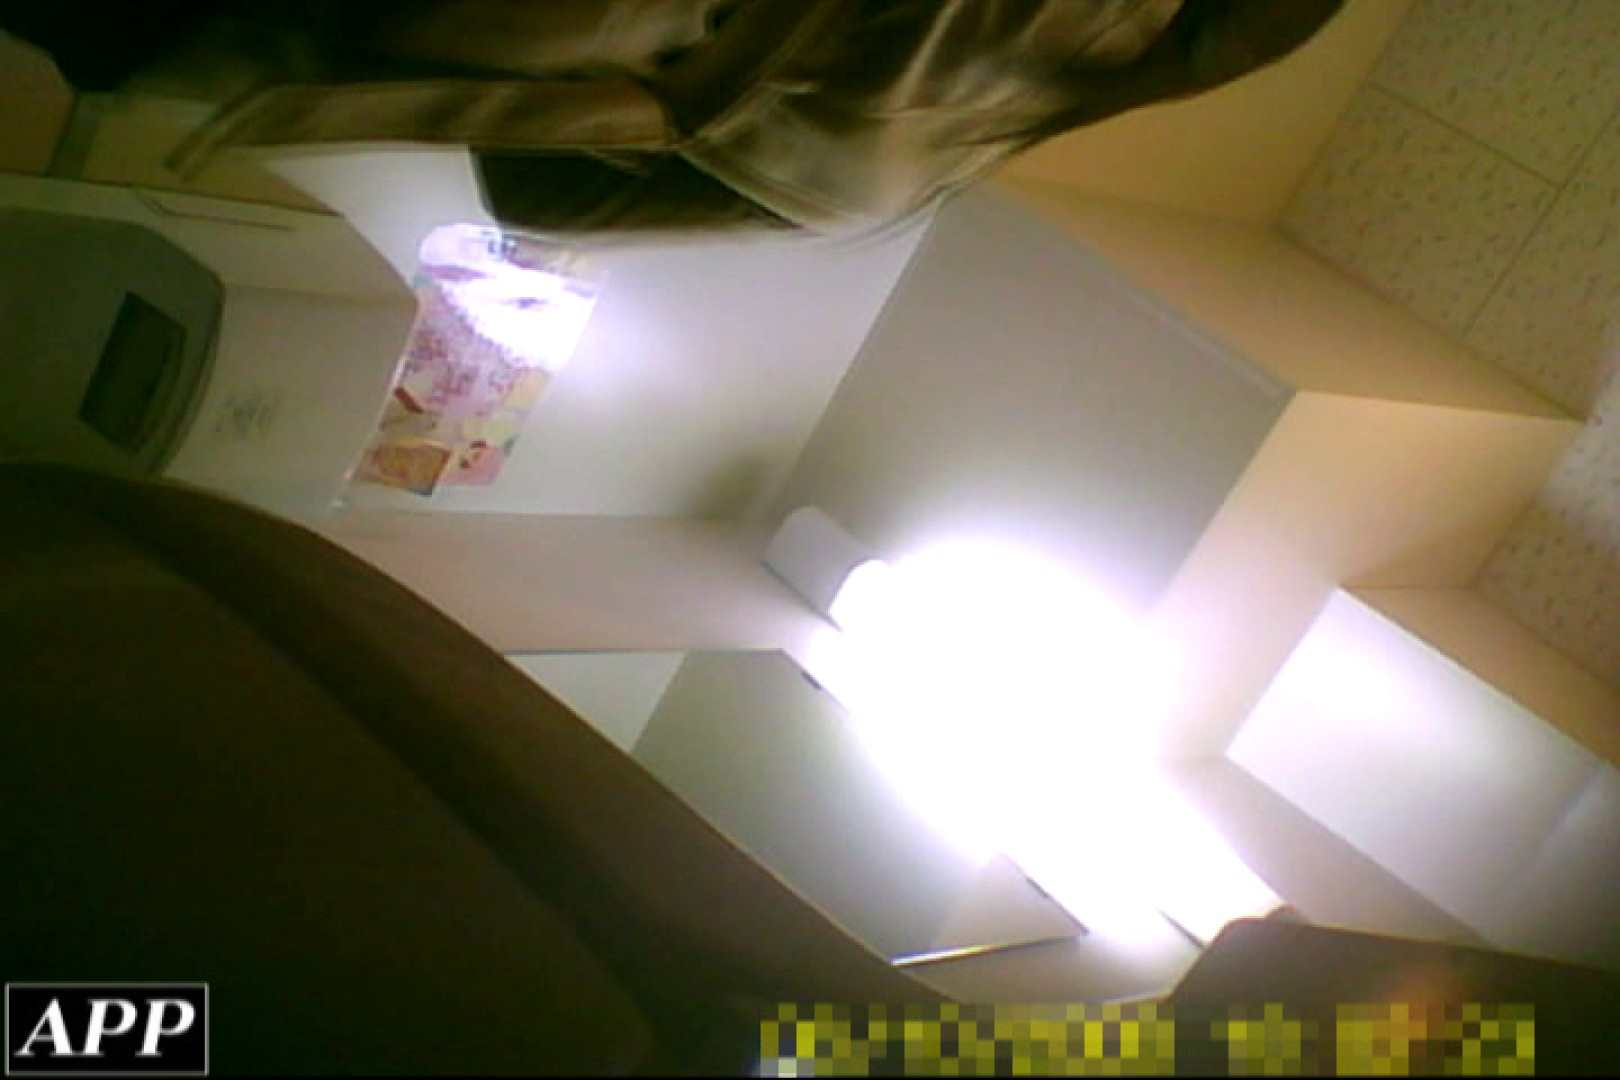 3視点洗面所 vol.079 OLヌード天国  102PIX 14